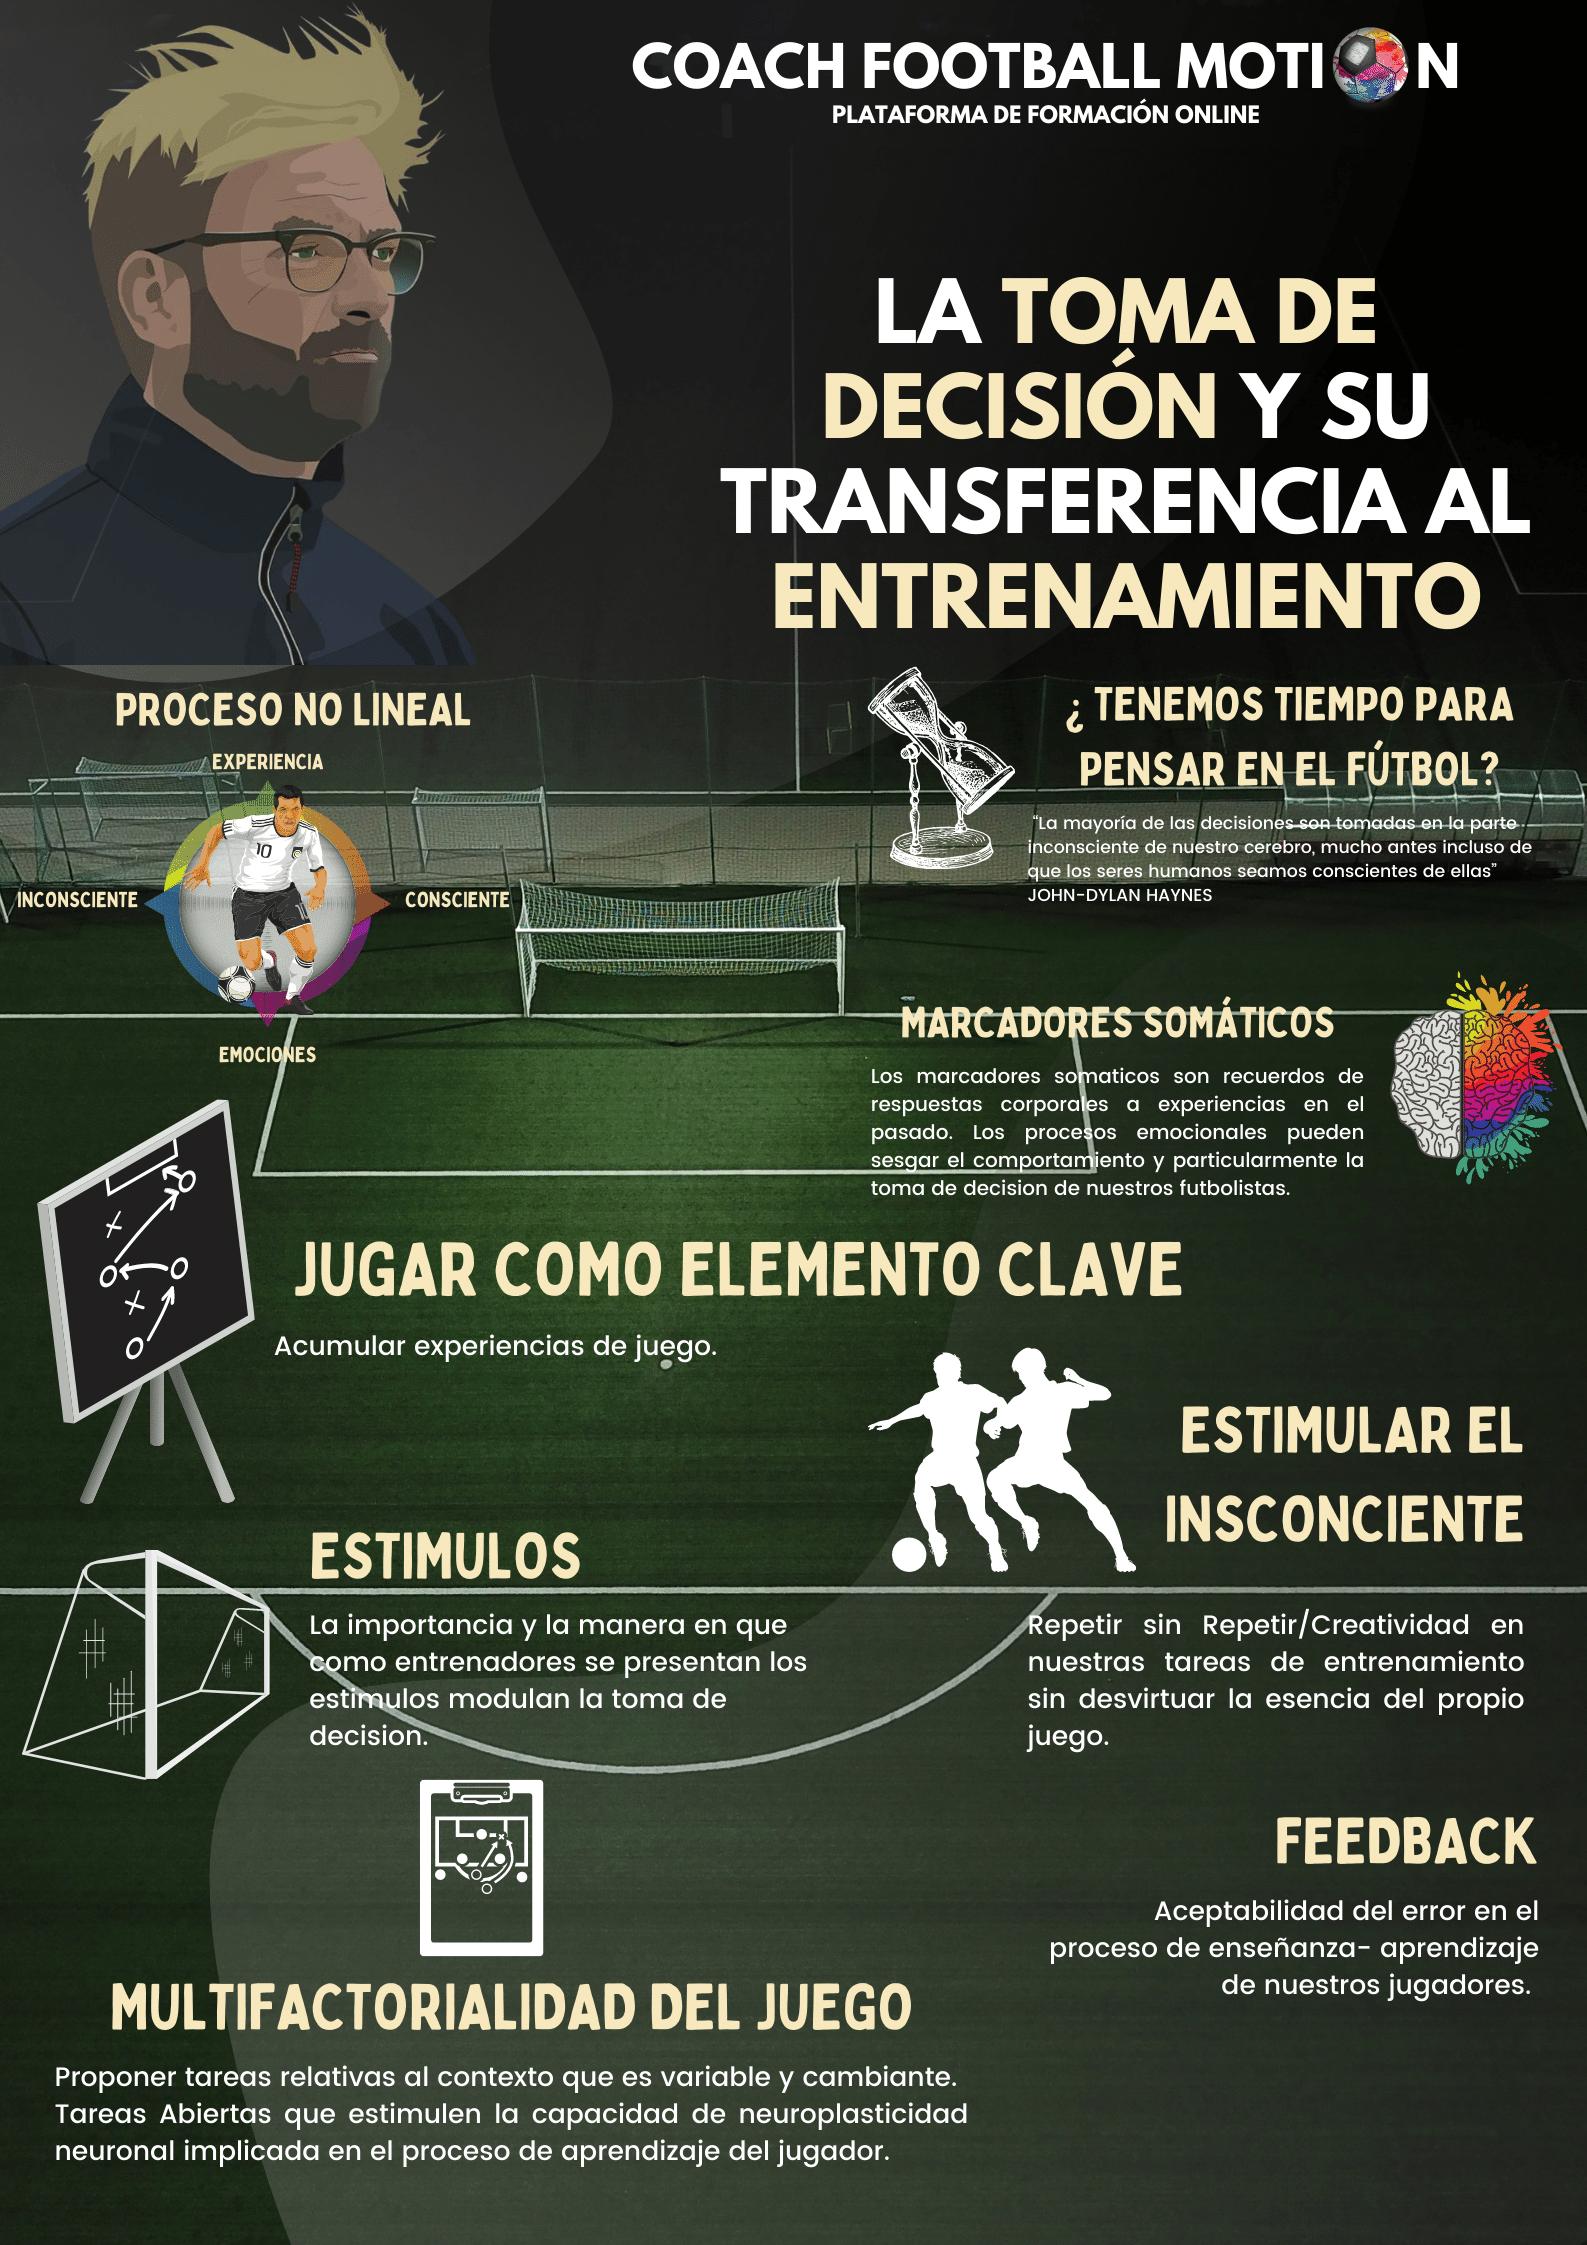 La Toma de Decisión y su transferencia al entrenamiento